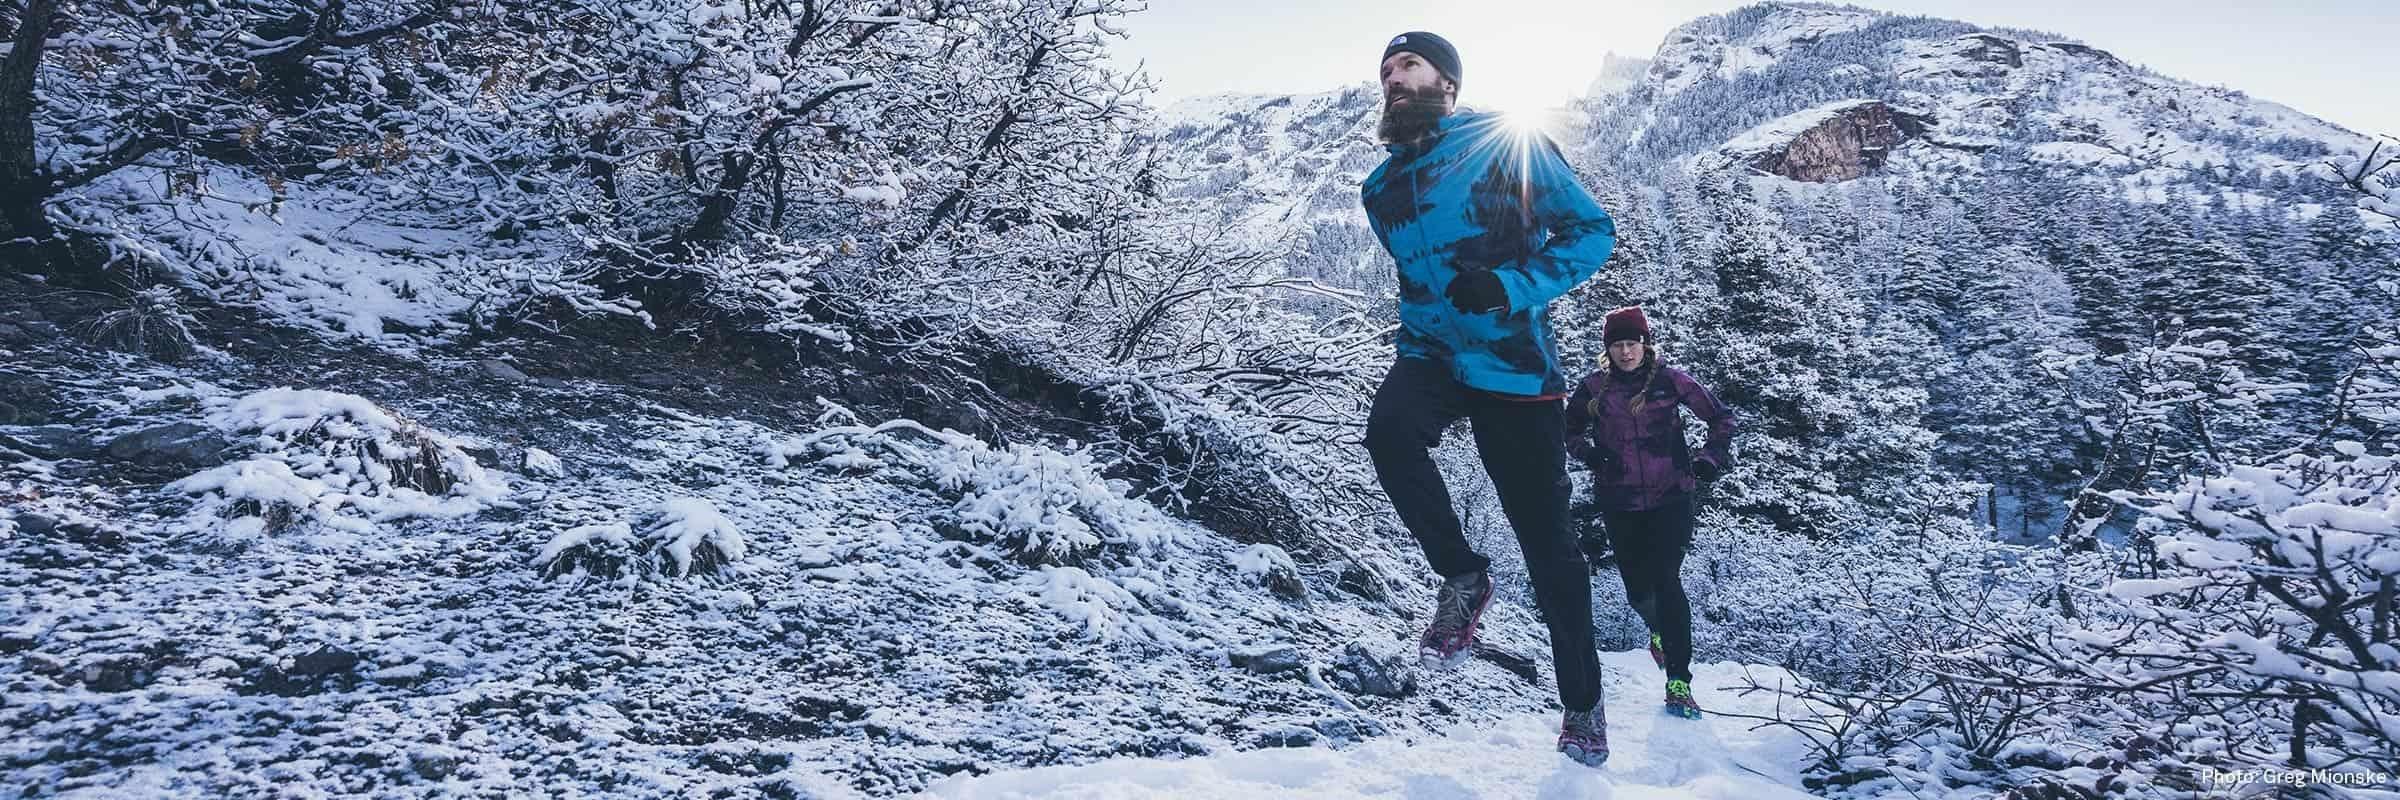 Arc'teryx, course à pied, Craft, Salomon, Suunto, The North Face. Idées cadeaux pour les coureurs